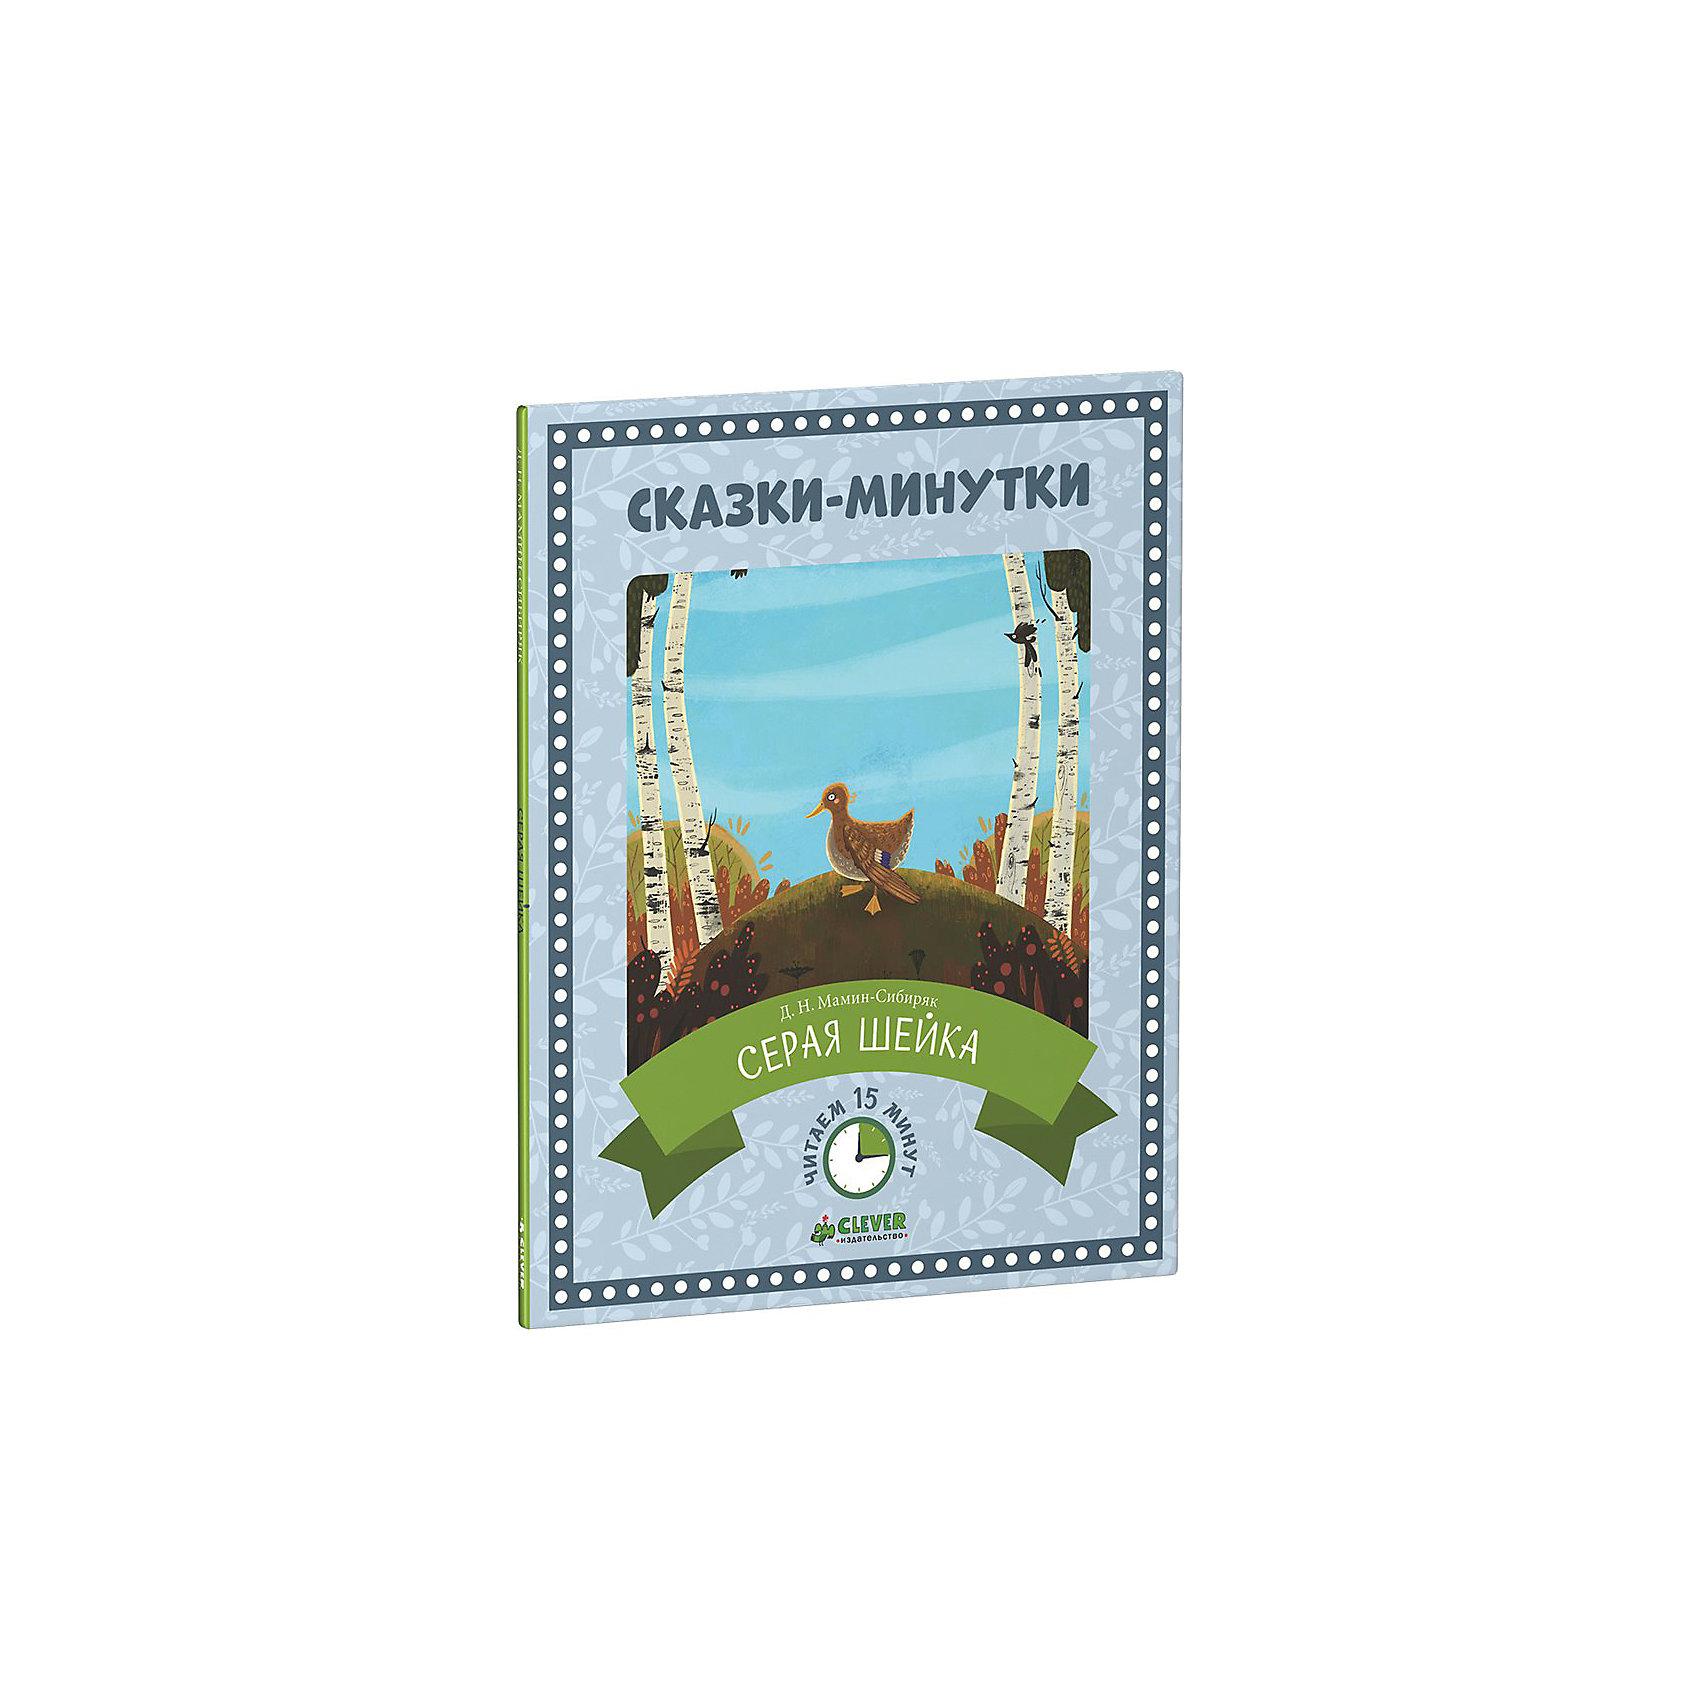 Сказки-минутки Серая Шейка, Д.Н. Мамин-СибирякCLEVER (КЛЕВЕР)<br>Сказки-минутки Серая Шейка, Д.Н. Мамин-Сибиряк – это старая добрая сказка, которая поможет родителям подготовить малыша ко сну.<br>Чтение перед сном – один из самых важных и приятных моментов в воспитании ребенка, повод для общения и создания хорошего настроения. Яркие иллюстрированные книжечки, вошедшие в серию «Сказки-минутки», помогут вам провести это время с максимальной пользой и удовольствием. Книги серии «Сказки-минутки» - это самые любимые, самые лучшие сказки, проиллюстрированные современными молодыми художниками. Чтение сказки-минутки Серая Шейка займет у Вас 15 минут. Приятного чтения!<br><br>Дополнительная информация:<br><br>- Автор: Мамин-Сибиряк Дмитрий Наркисович<br>- Художник: Пономарева Полина<br>- Редактор: Измайлова Елена<br>- Издательство: Клевер Медиа Групп, 2016 г.<br>- Серия: Сказки-минутки<br>- Тип обложки: мягкий переплет (крепление скрепкой или клеем)<br>- Иллюстрации: цветные<br>- Количество страниц: 32 (офсет)<br>- Размер: 210x170x3 мм.<br>- Вес: 78 гр.<br><br>Книгу Сказки-минутки Серая Шейка, Д.Н. Мамин-Сибиряк можно купить в нашем интернет-магазине.<br><br>Ширина мм: 210<br>Глубина мм: 170<br>Высота мм: 4<br>Вес г: 80<br>Возраст от месяцев: 48<br>Возраст до месяцев: 72<br>Пол: Унисекс<br>Возраст: Детский<br>SKU: 4554209